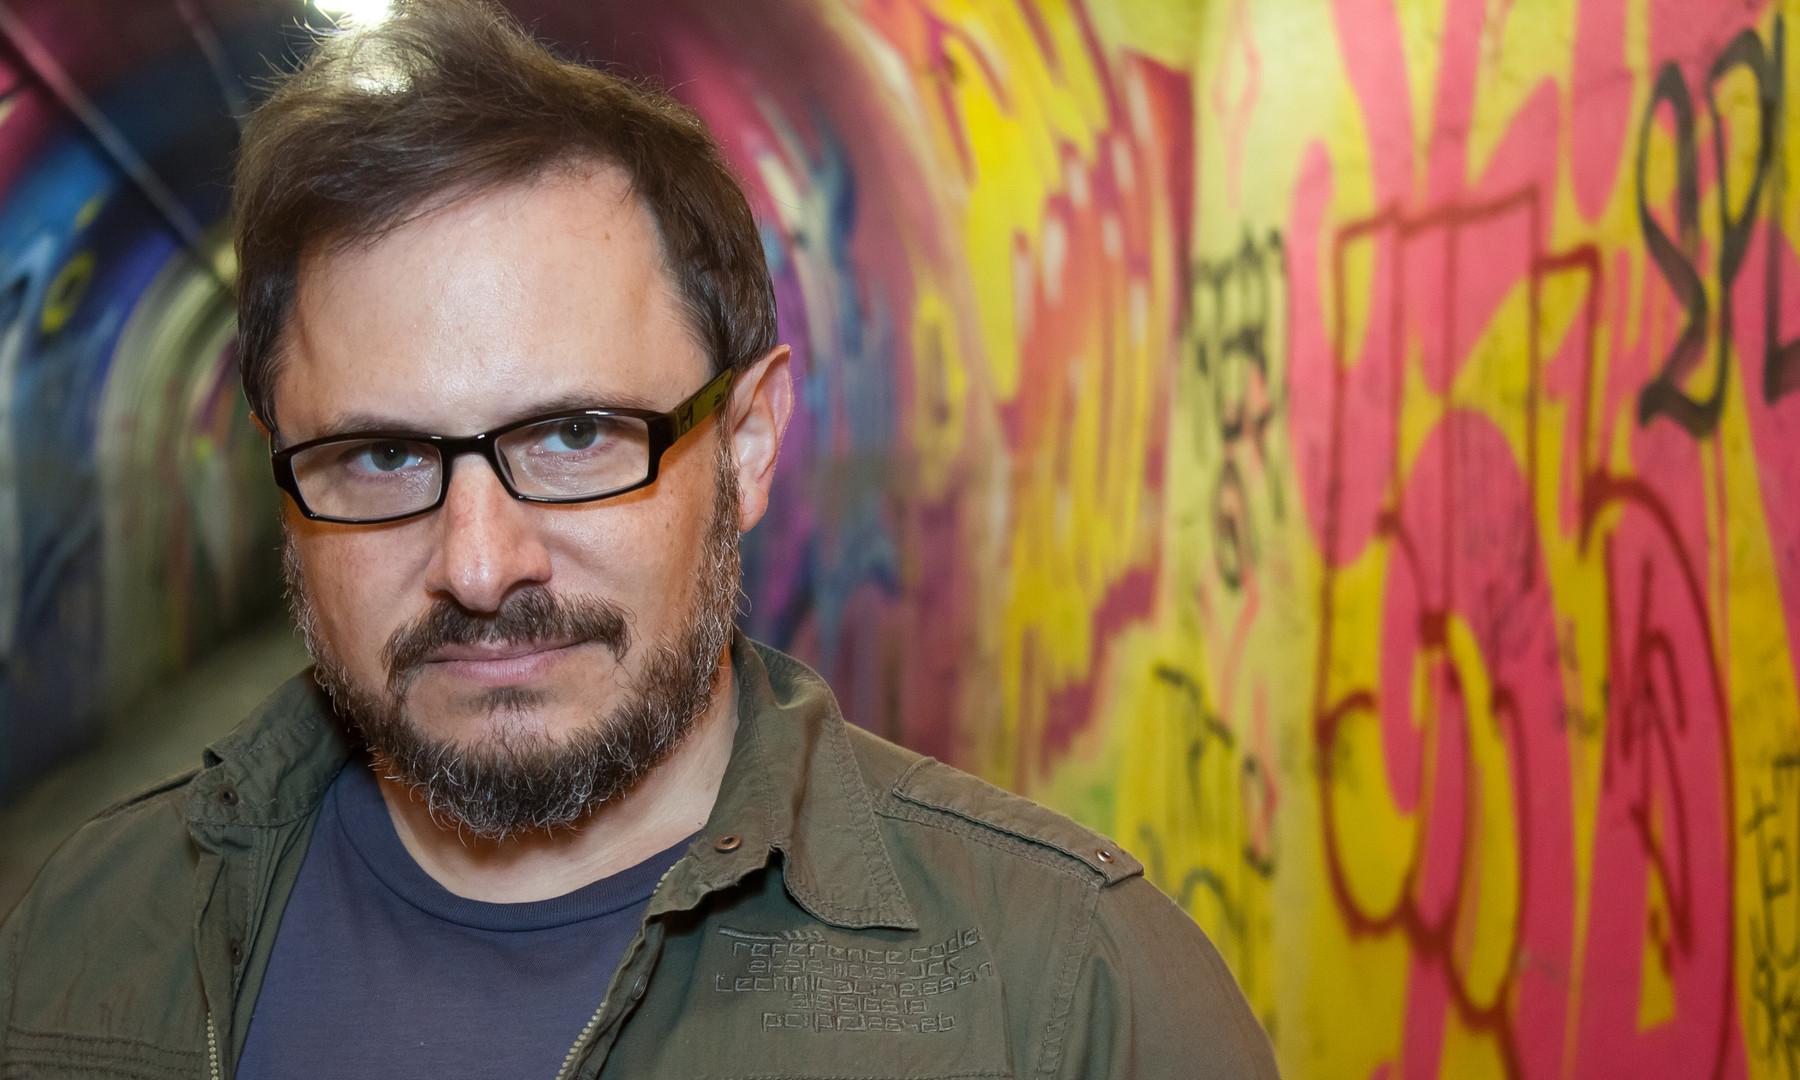 Tunnel beard Nick